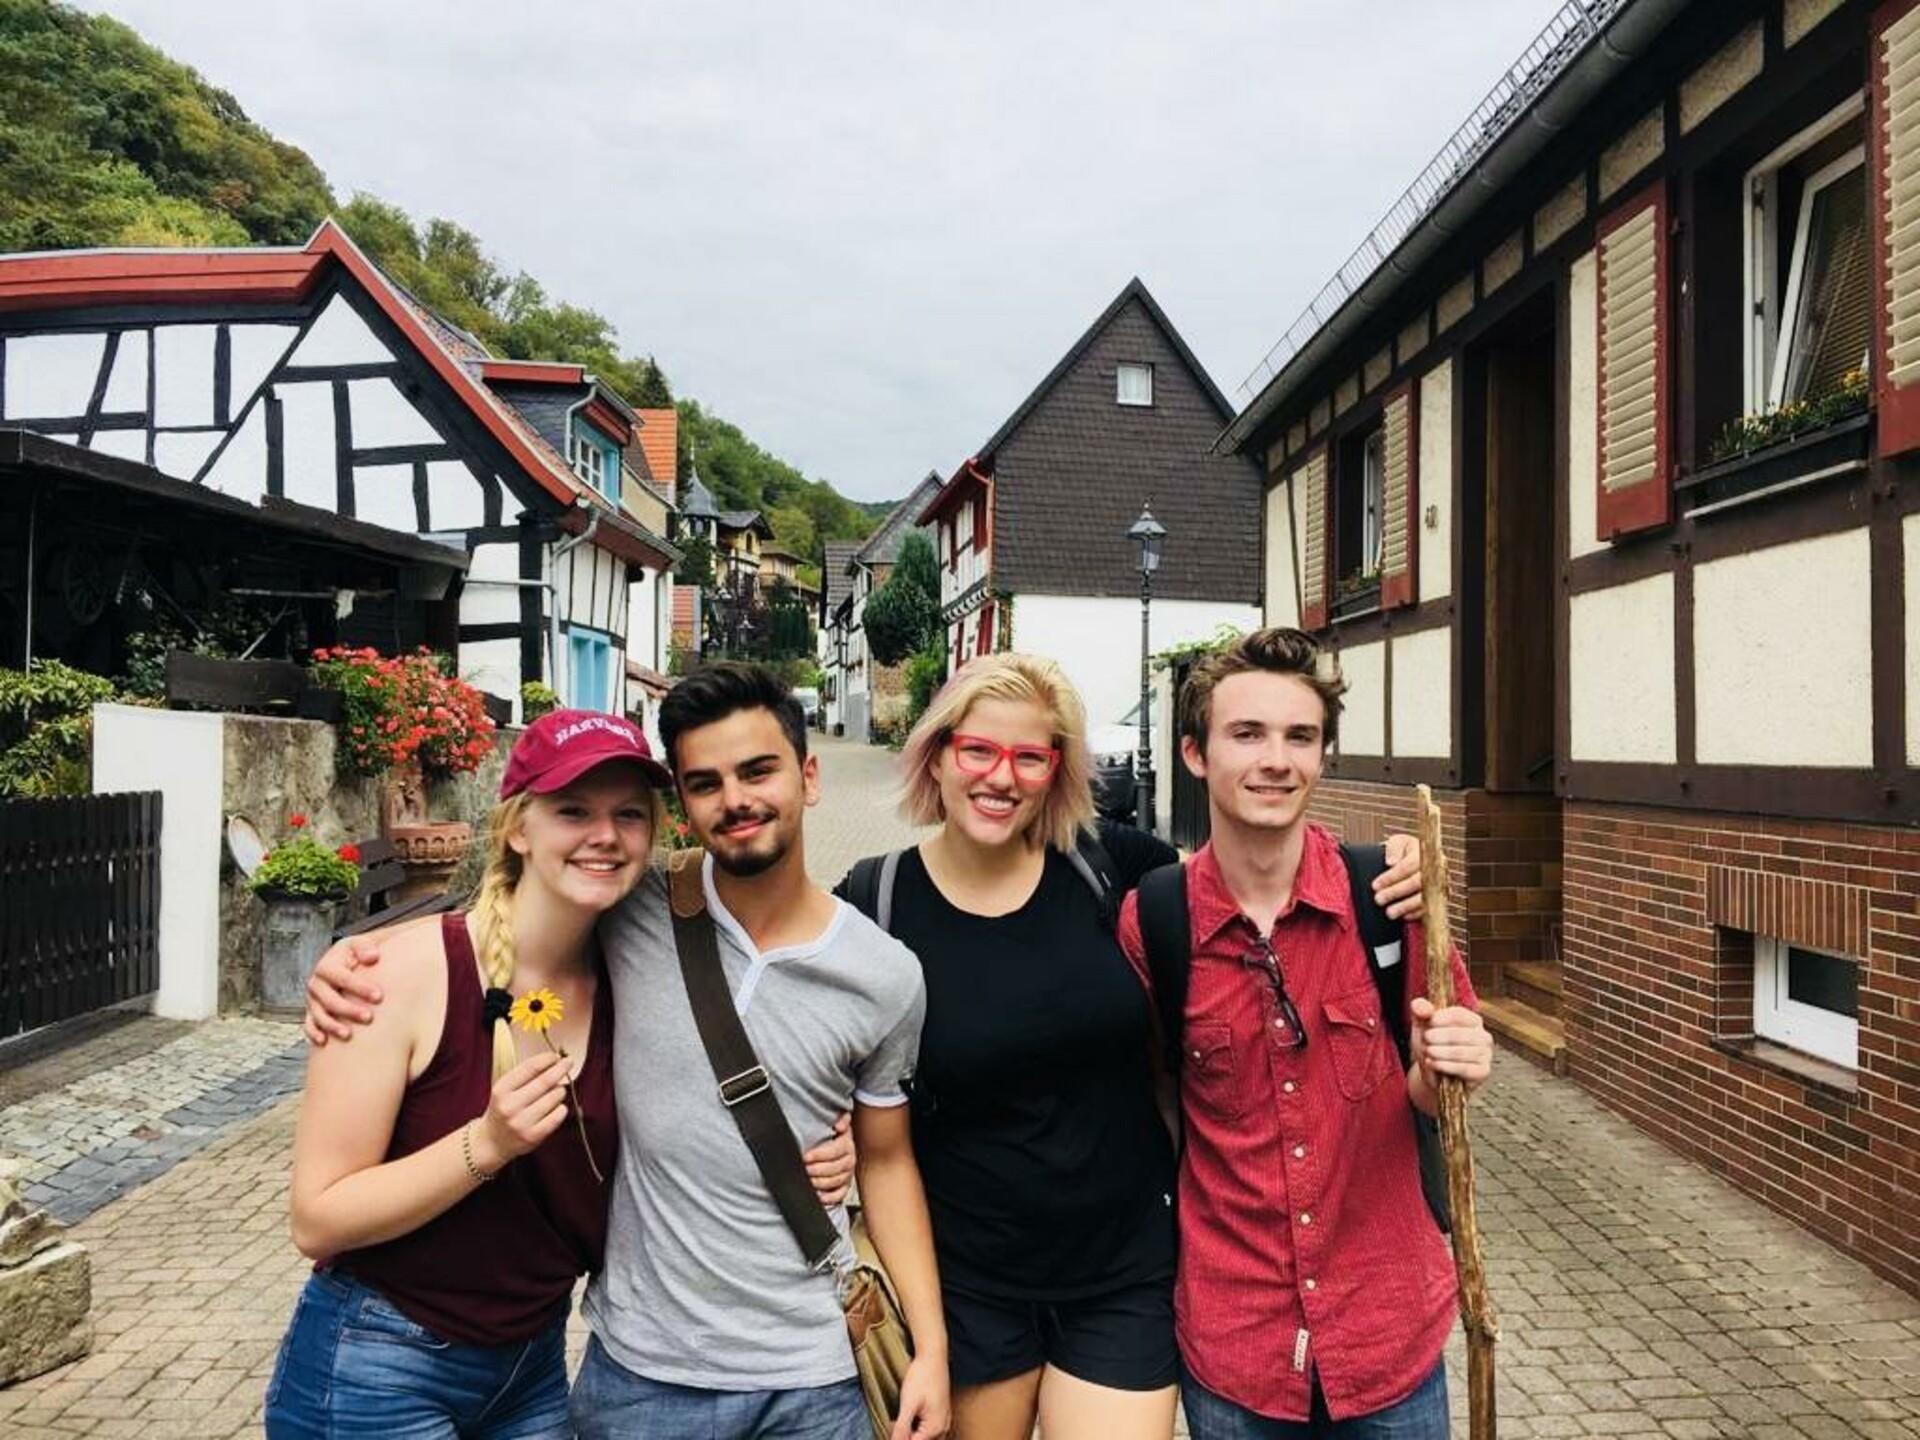 Schüleraustausch Lehrerinfos Schule als Gastgeber Deutschkenntnisse